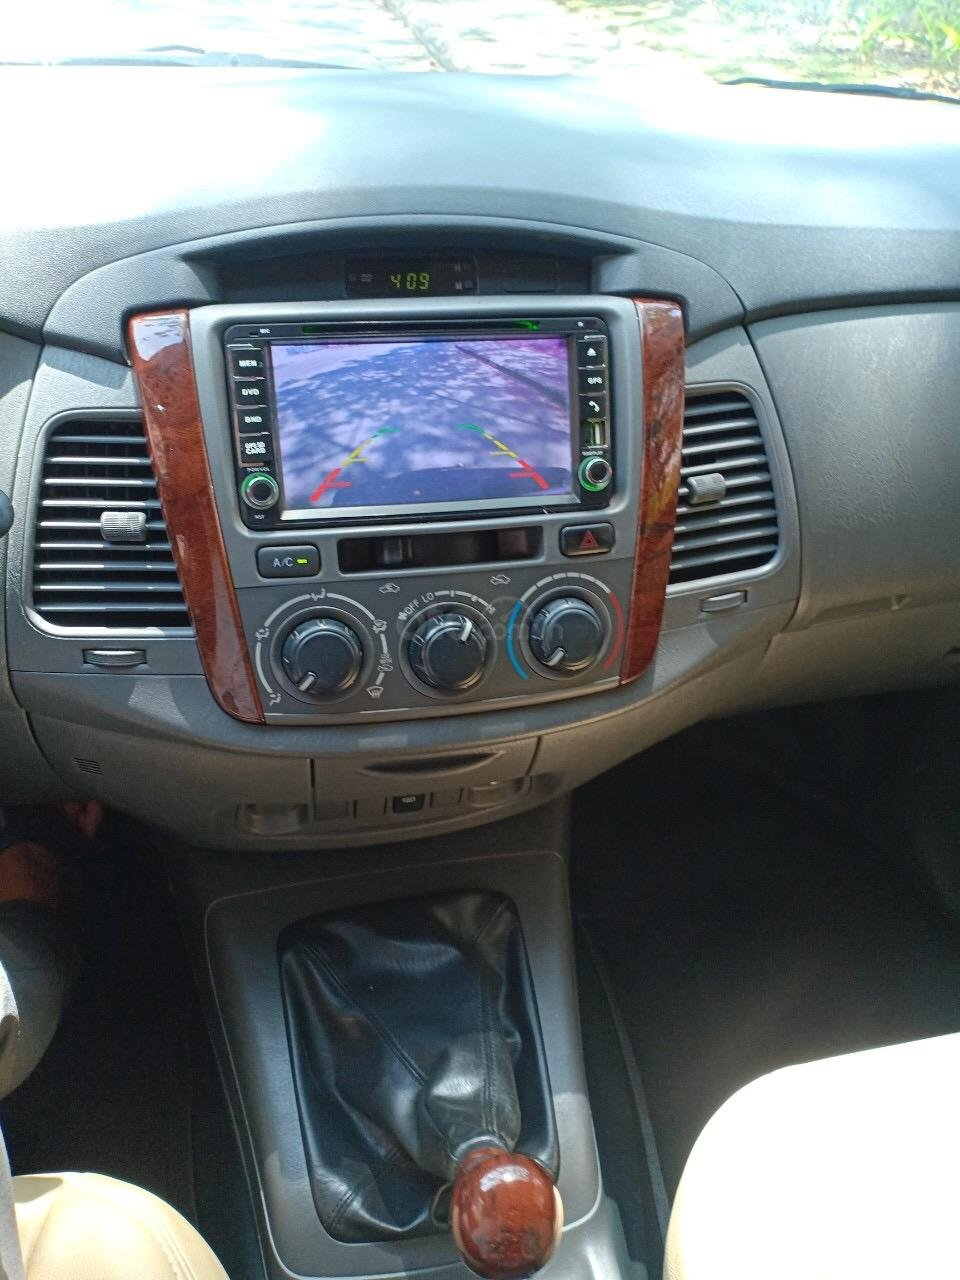 Cần bán xe Toyota Innova 2.0E sản xuất năm 2012, xe ông lão đi nay bán lại 455 triệu-5